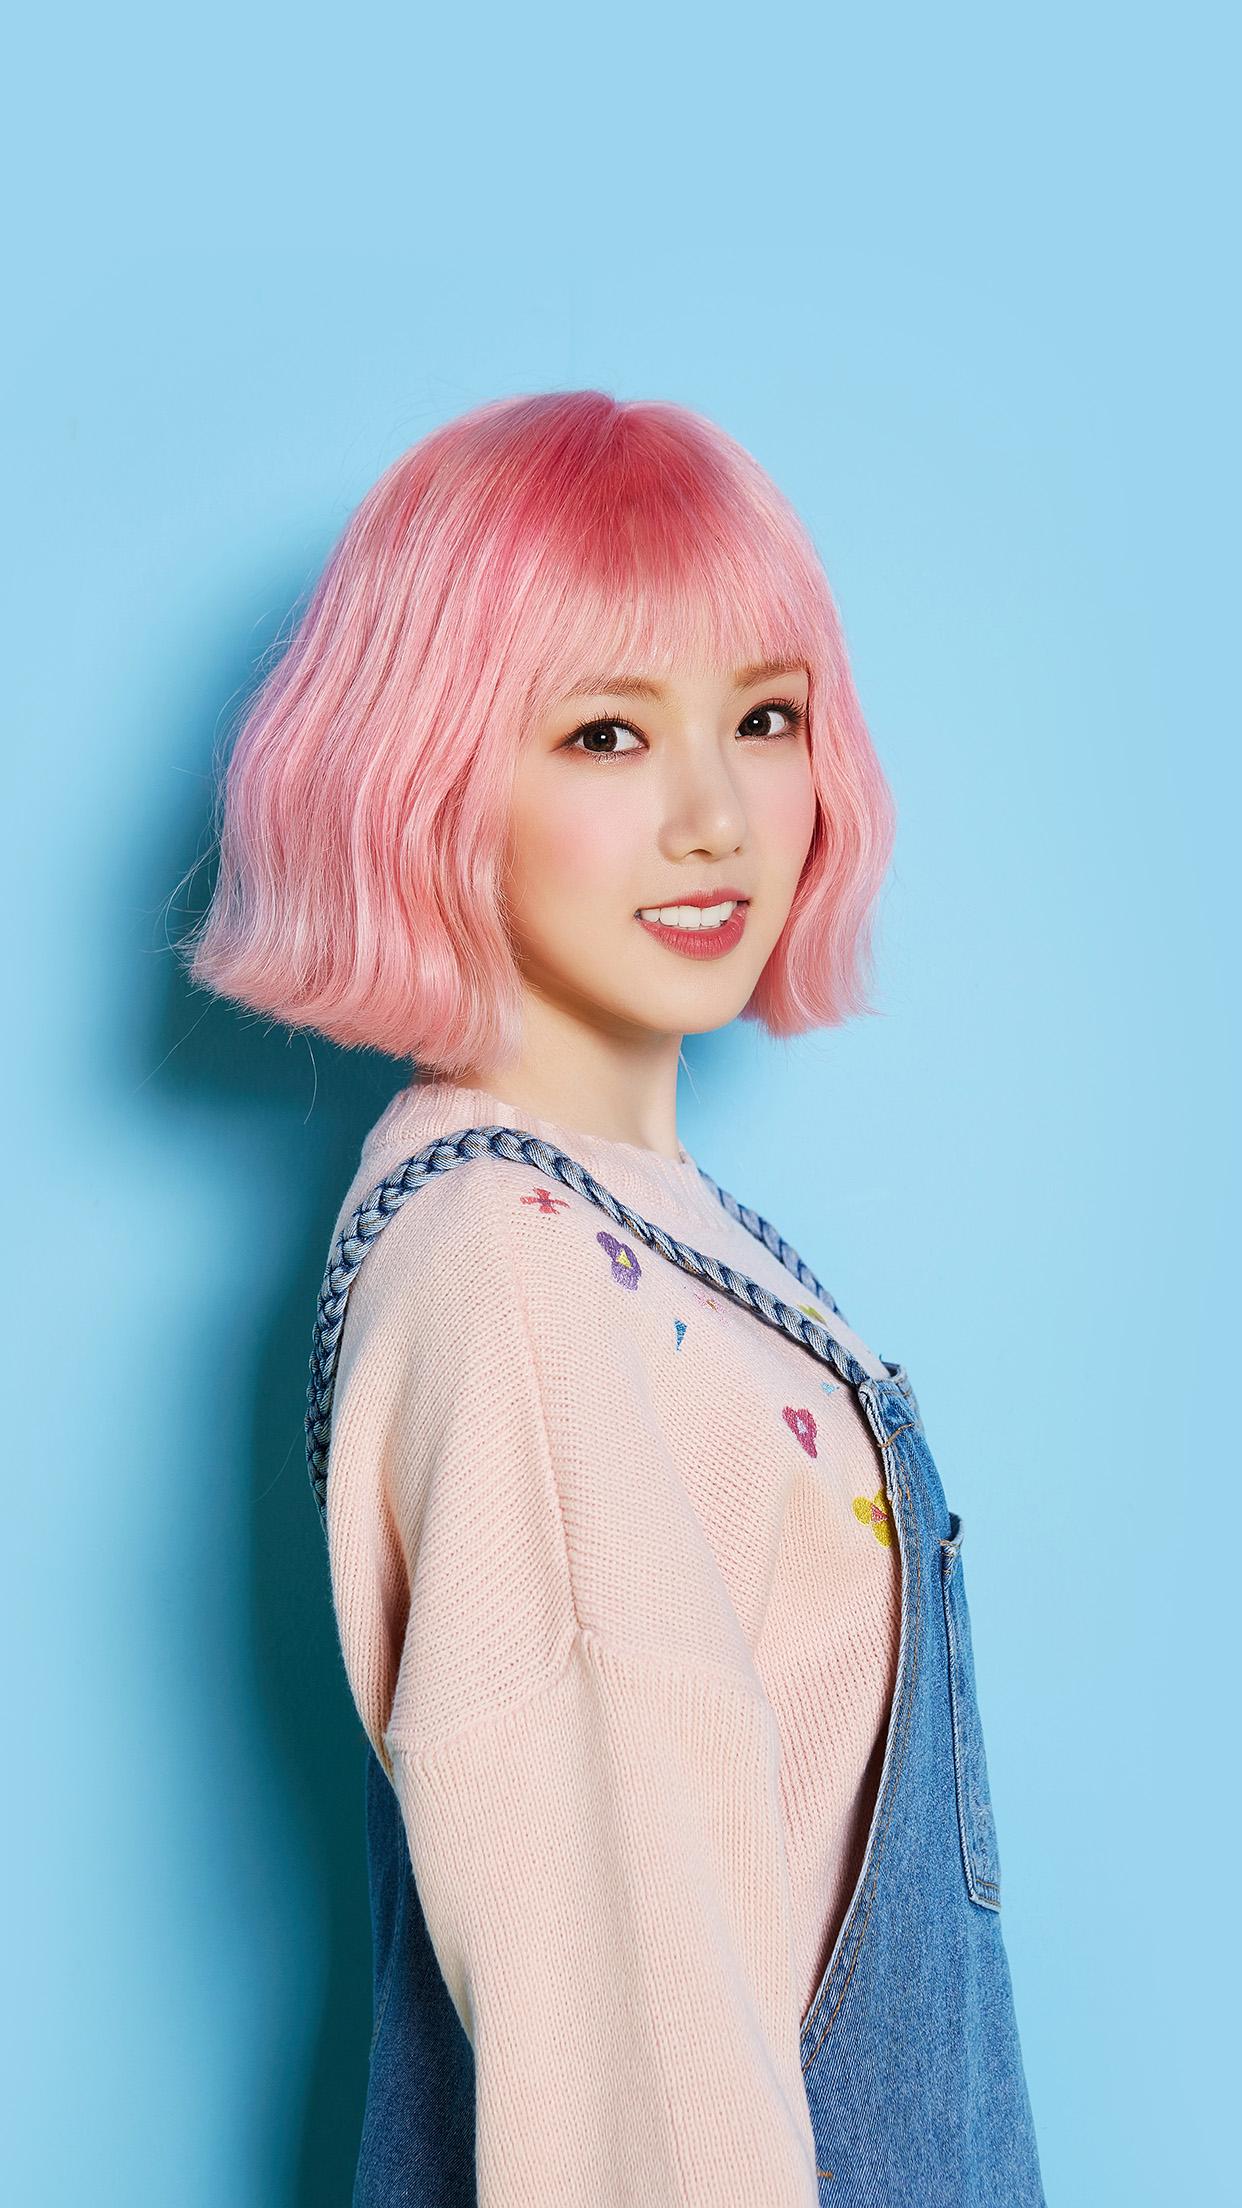 Cute Anime Girl Music Wallpaper For Phone Hn15 Pink Hair Asian Kpop Girl Wallpaper